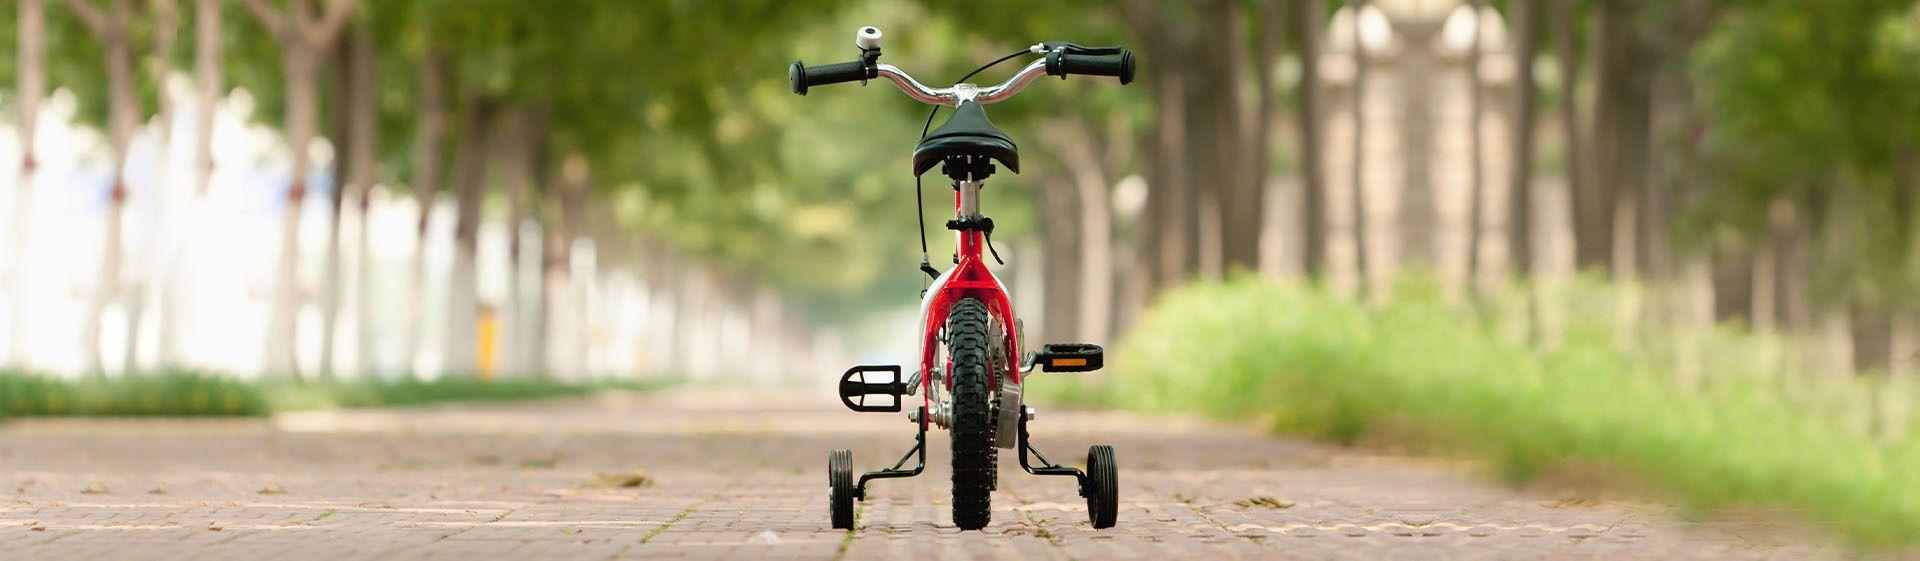 Melhor bicicleta infantil de 2021: 8 modelos para comprar